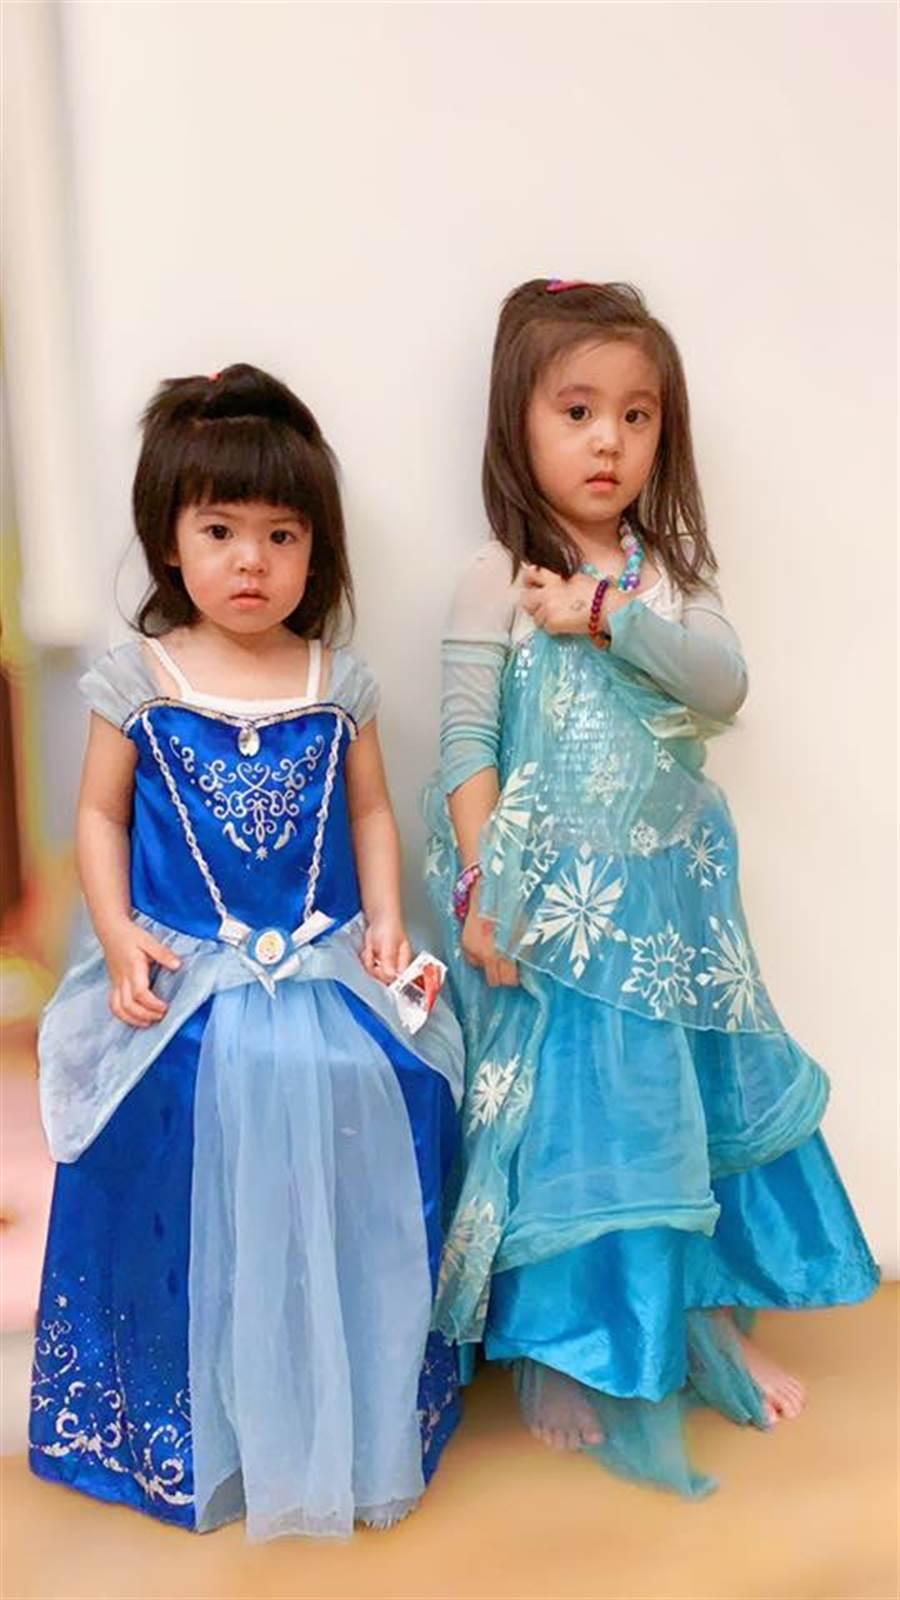 姐妹倆扮公主太入戲,被媽媽罰站。(圖/翻攝自臉書)